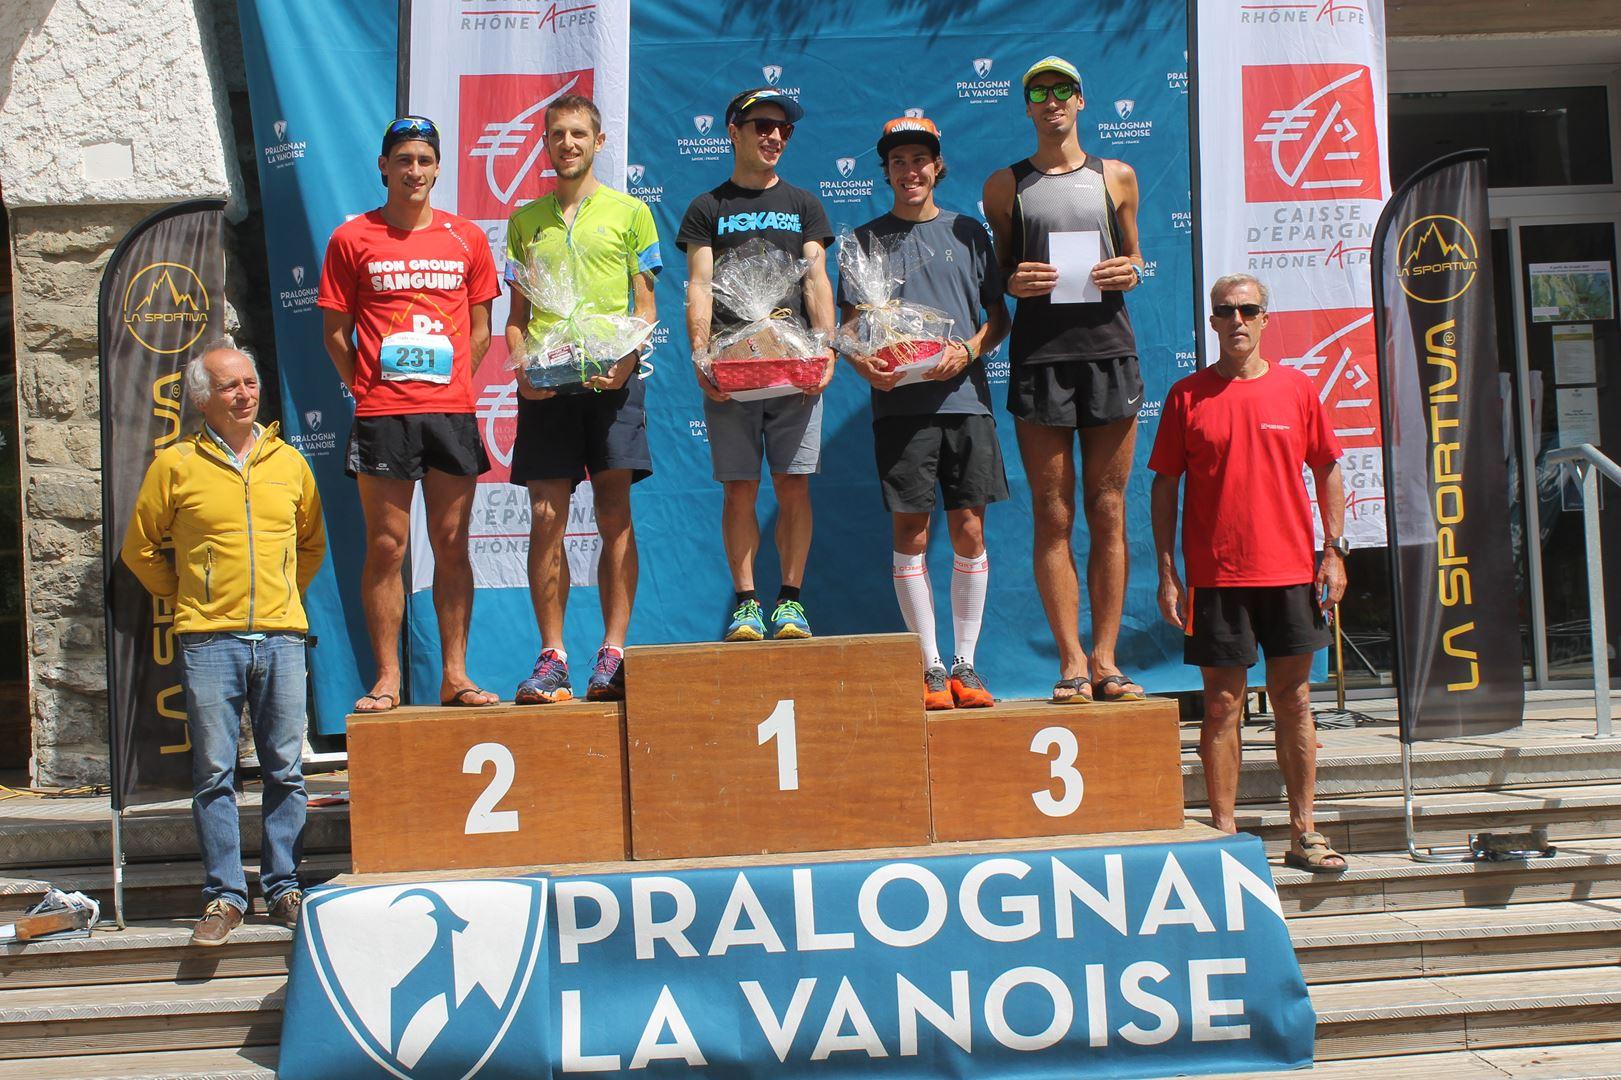 Podium hommes du 24km 1 - RESULTATS ET COMPTE RENDU DU TOUR DE LA GRANDE CASSE 27-08-2017 (PRALOGNAN-LA-VANOISE 73)